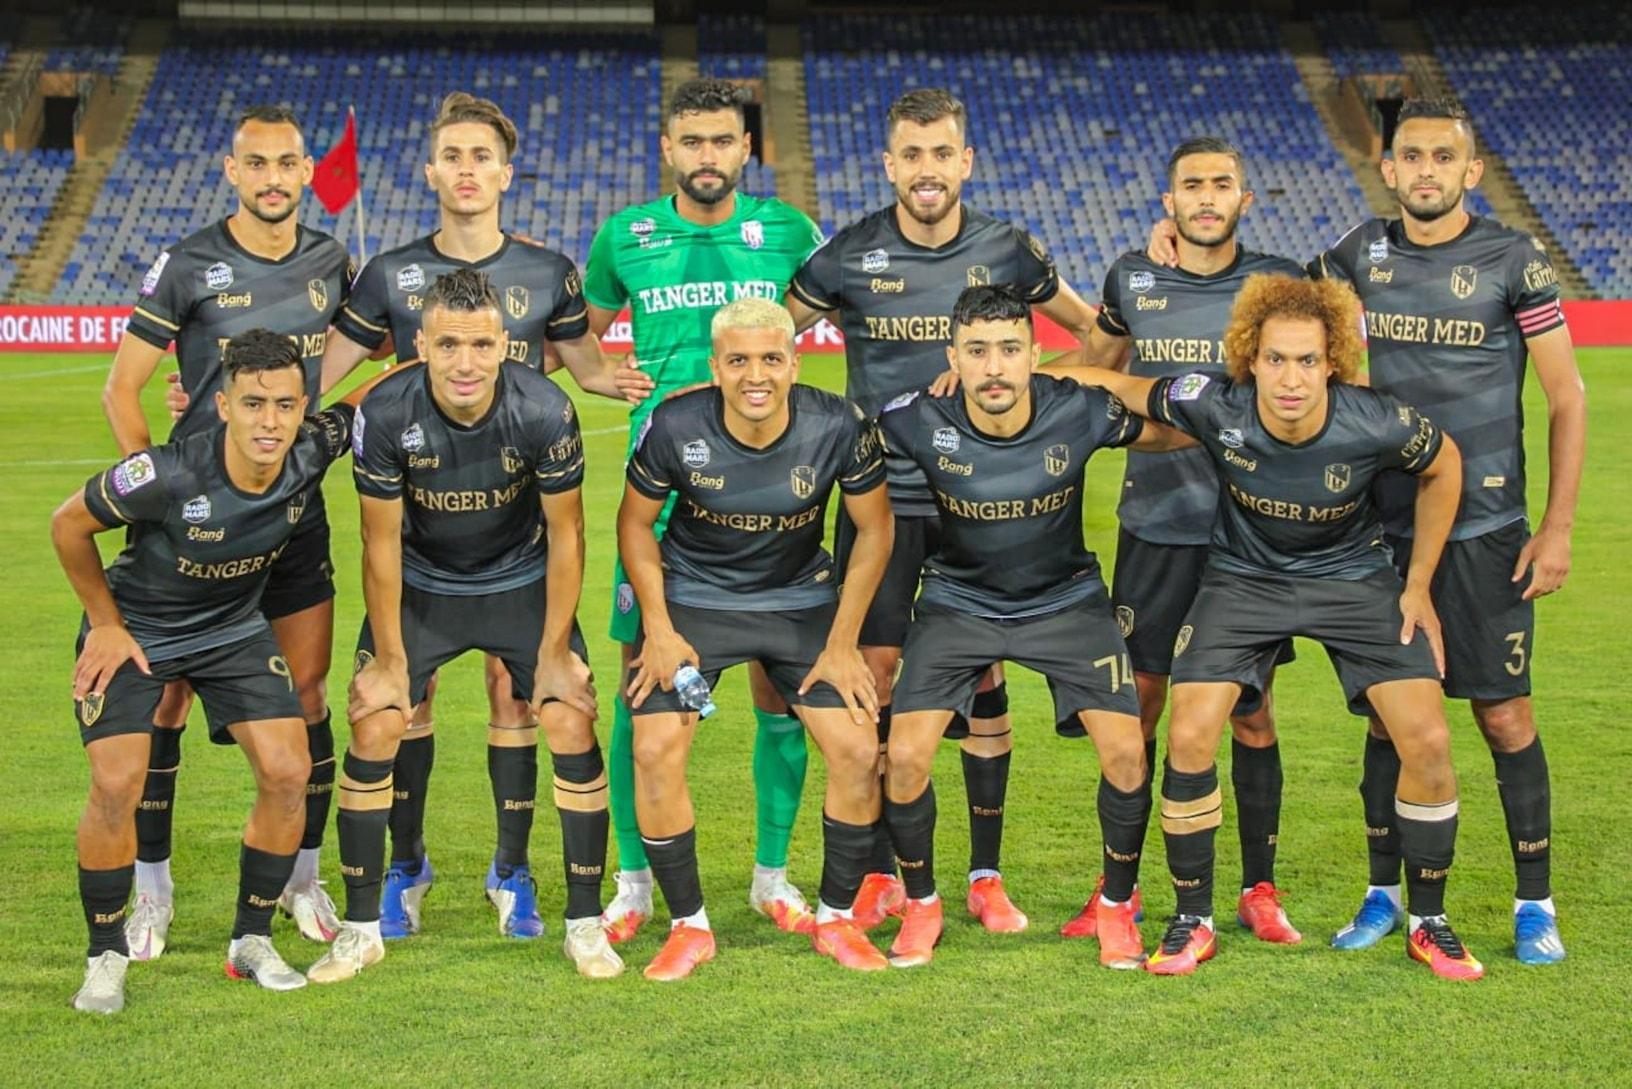 فريق المغرب التطواني يعبر لنهائي كأس العرش